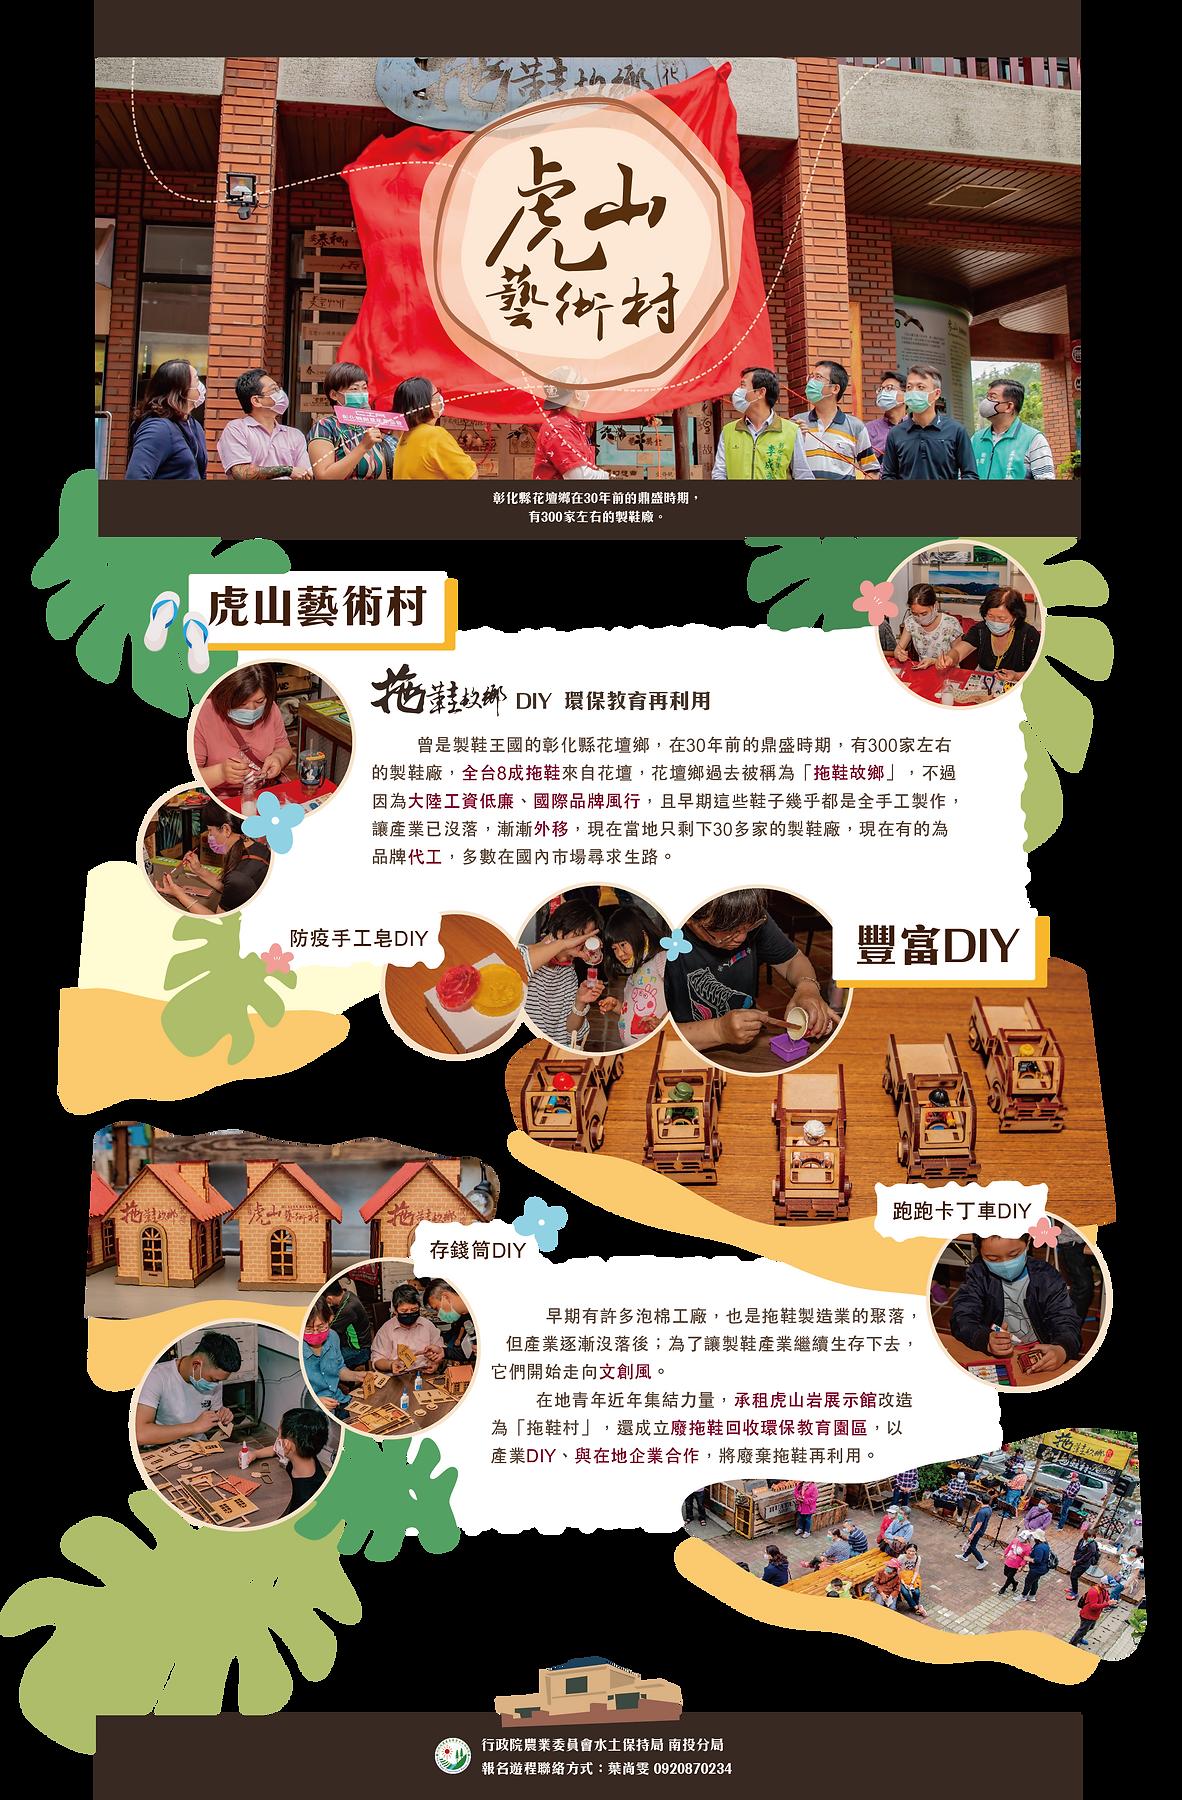 虎山藝術村網頁-虎山藝術村.png